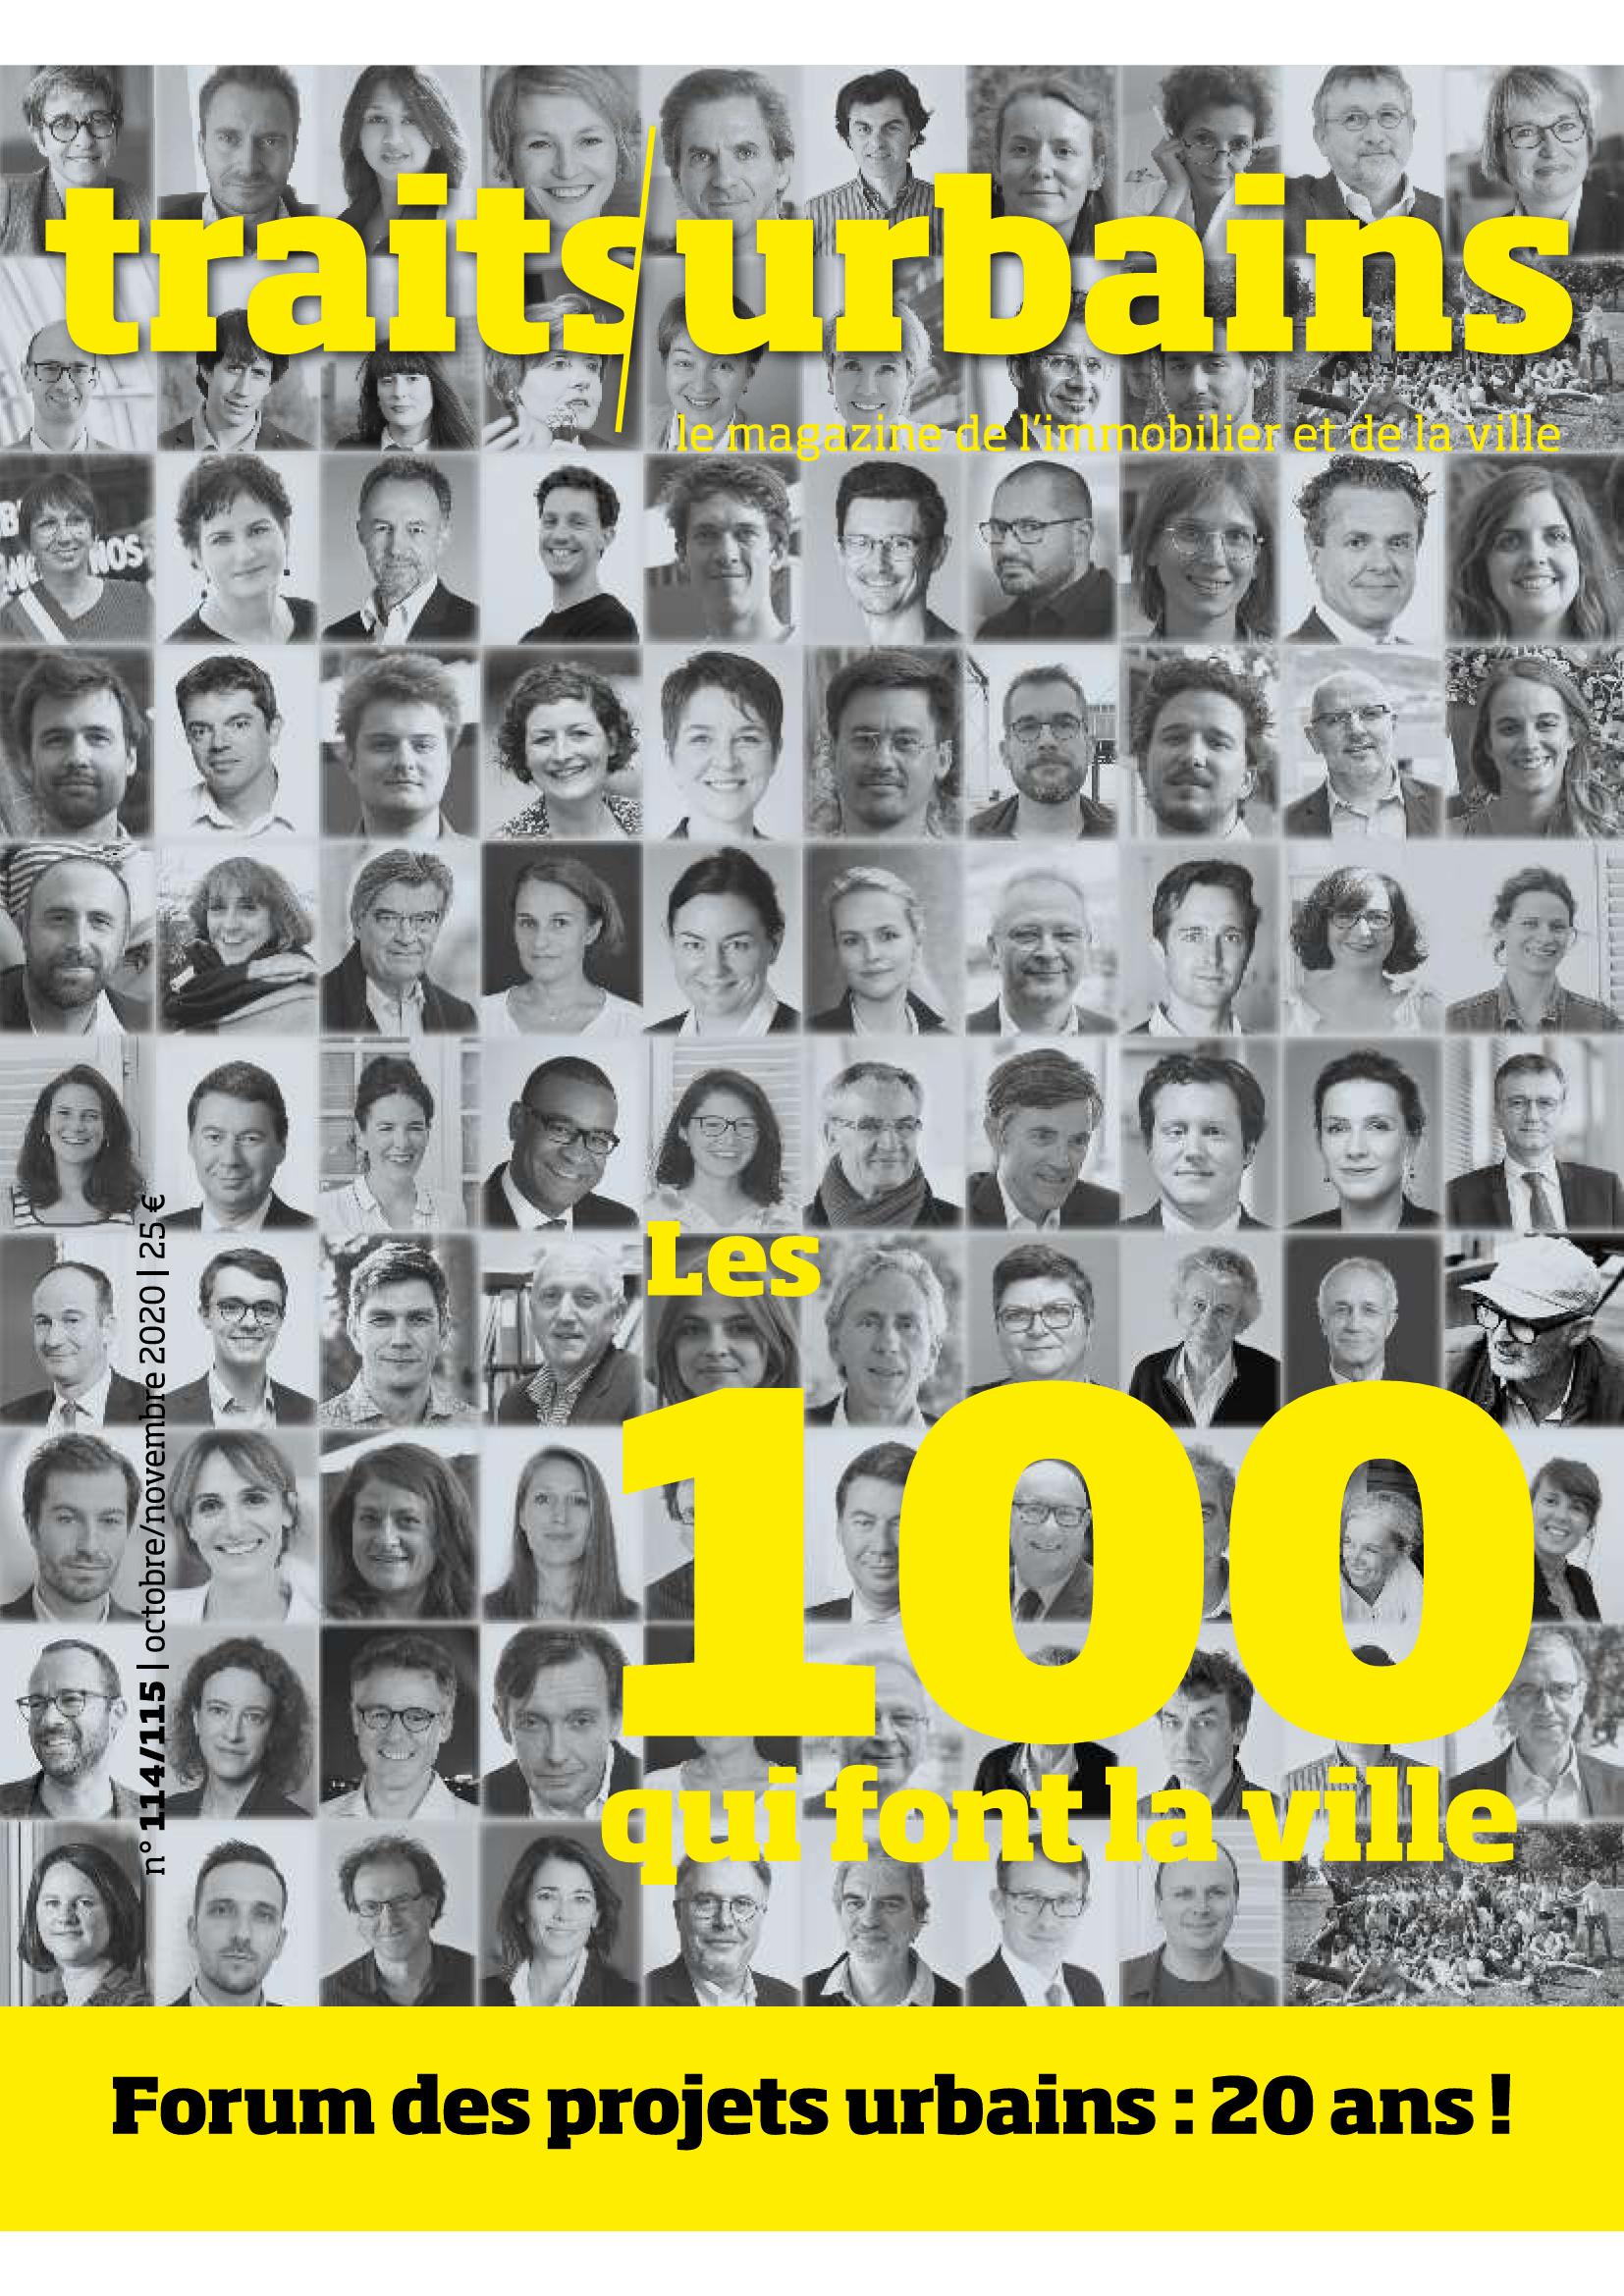 """PORTRAIT : Claire Guihéneuf dans """"Les 100 qui font la ville"""", dernier numéro de Traits urbains"""